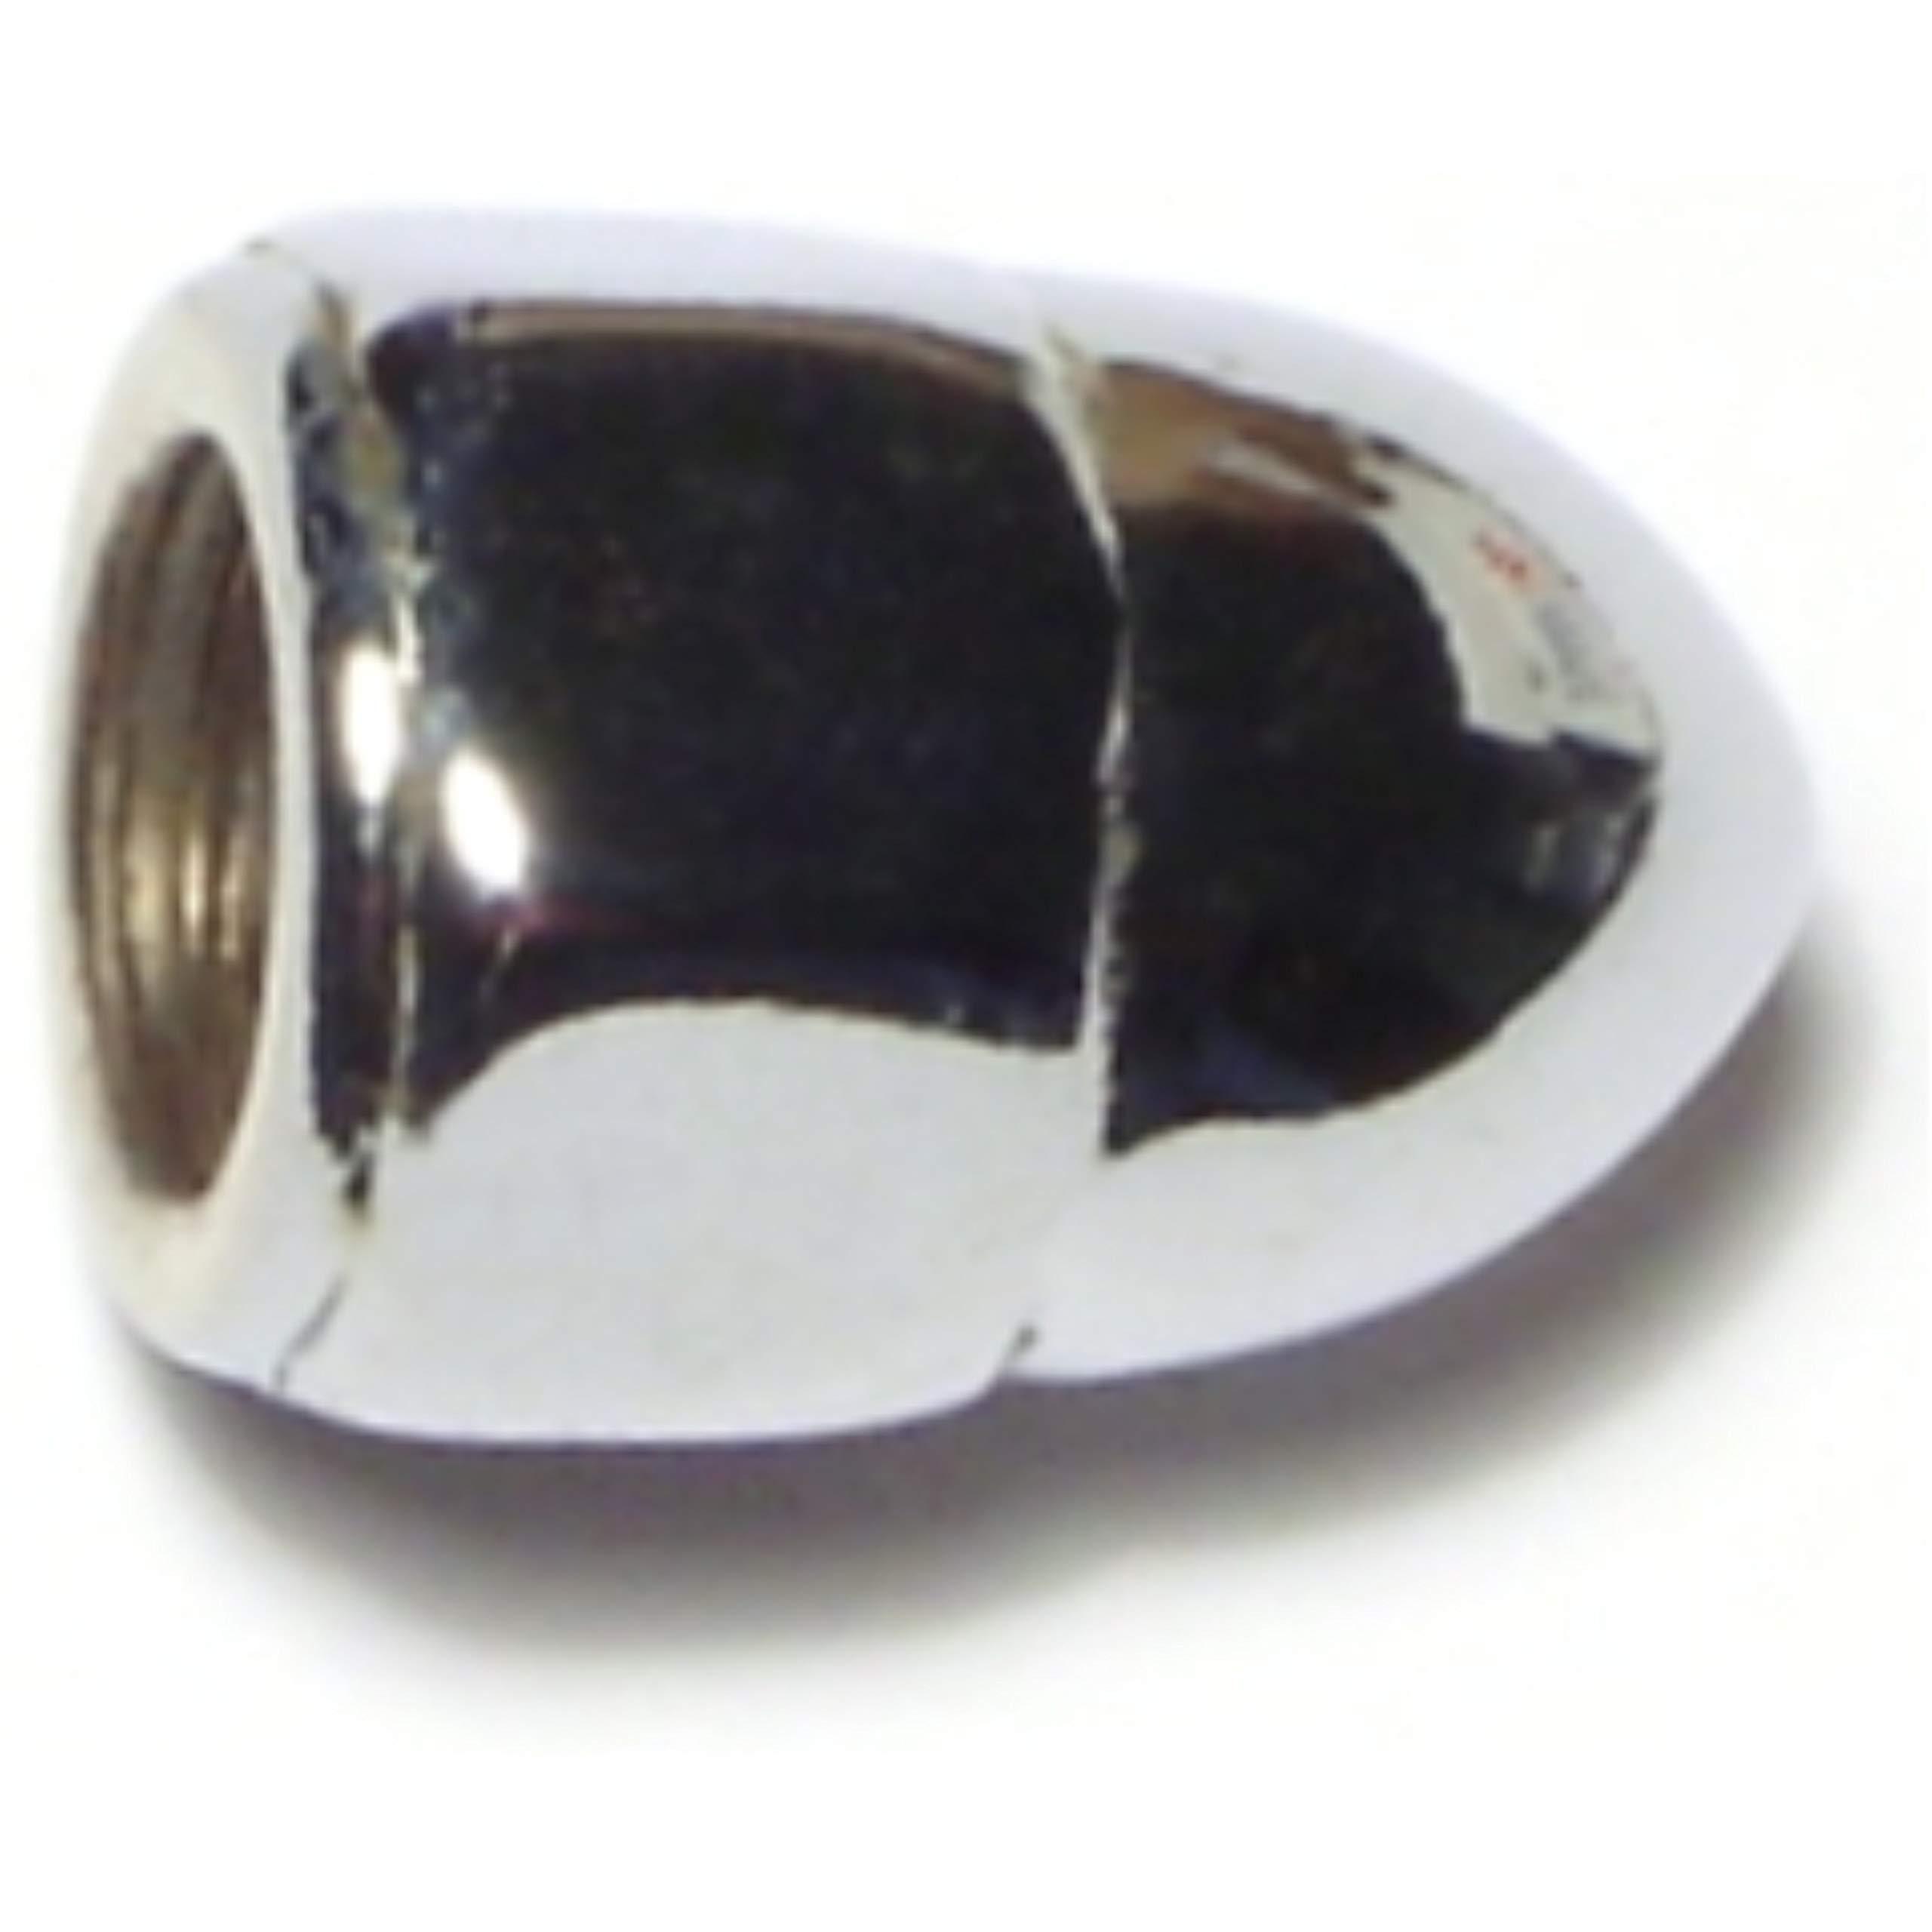 Hard-to-Find Fastener 014973477905 Acorn Nut Chrome, 5/16-18, Piece-15